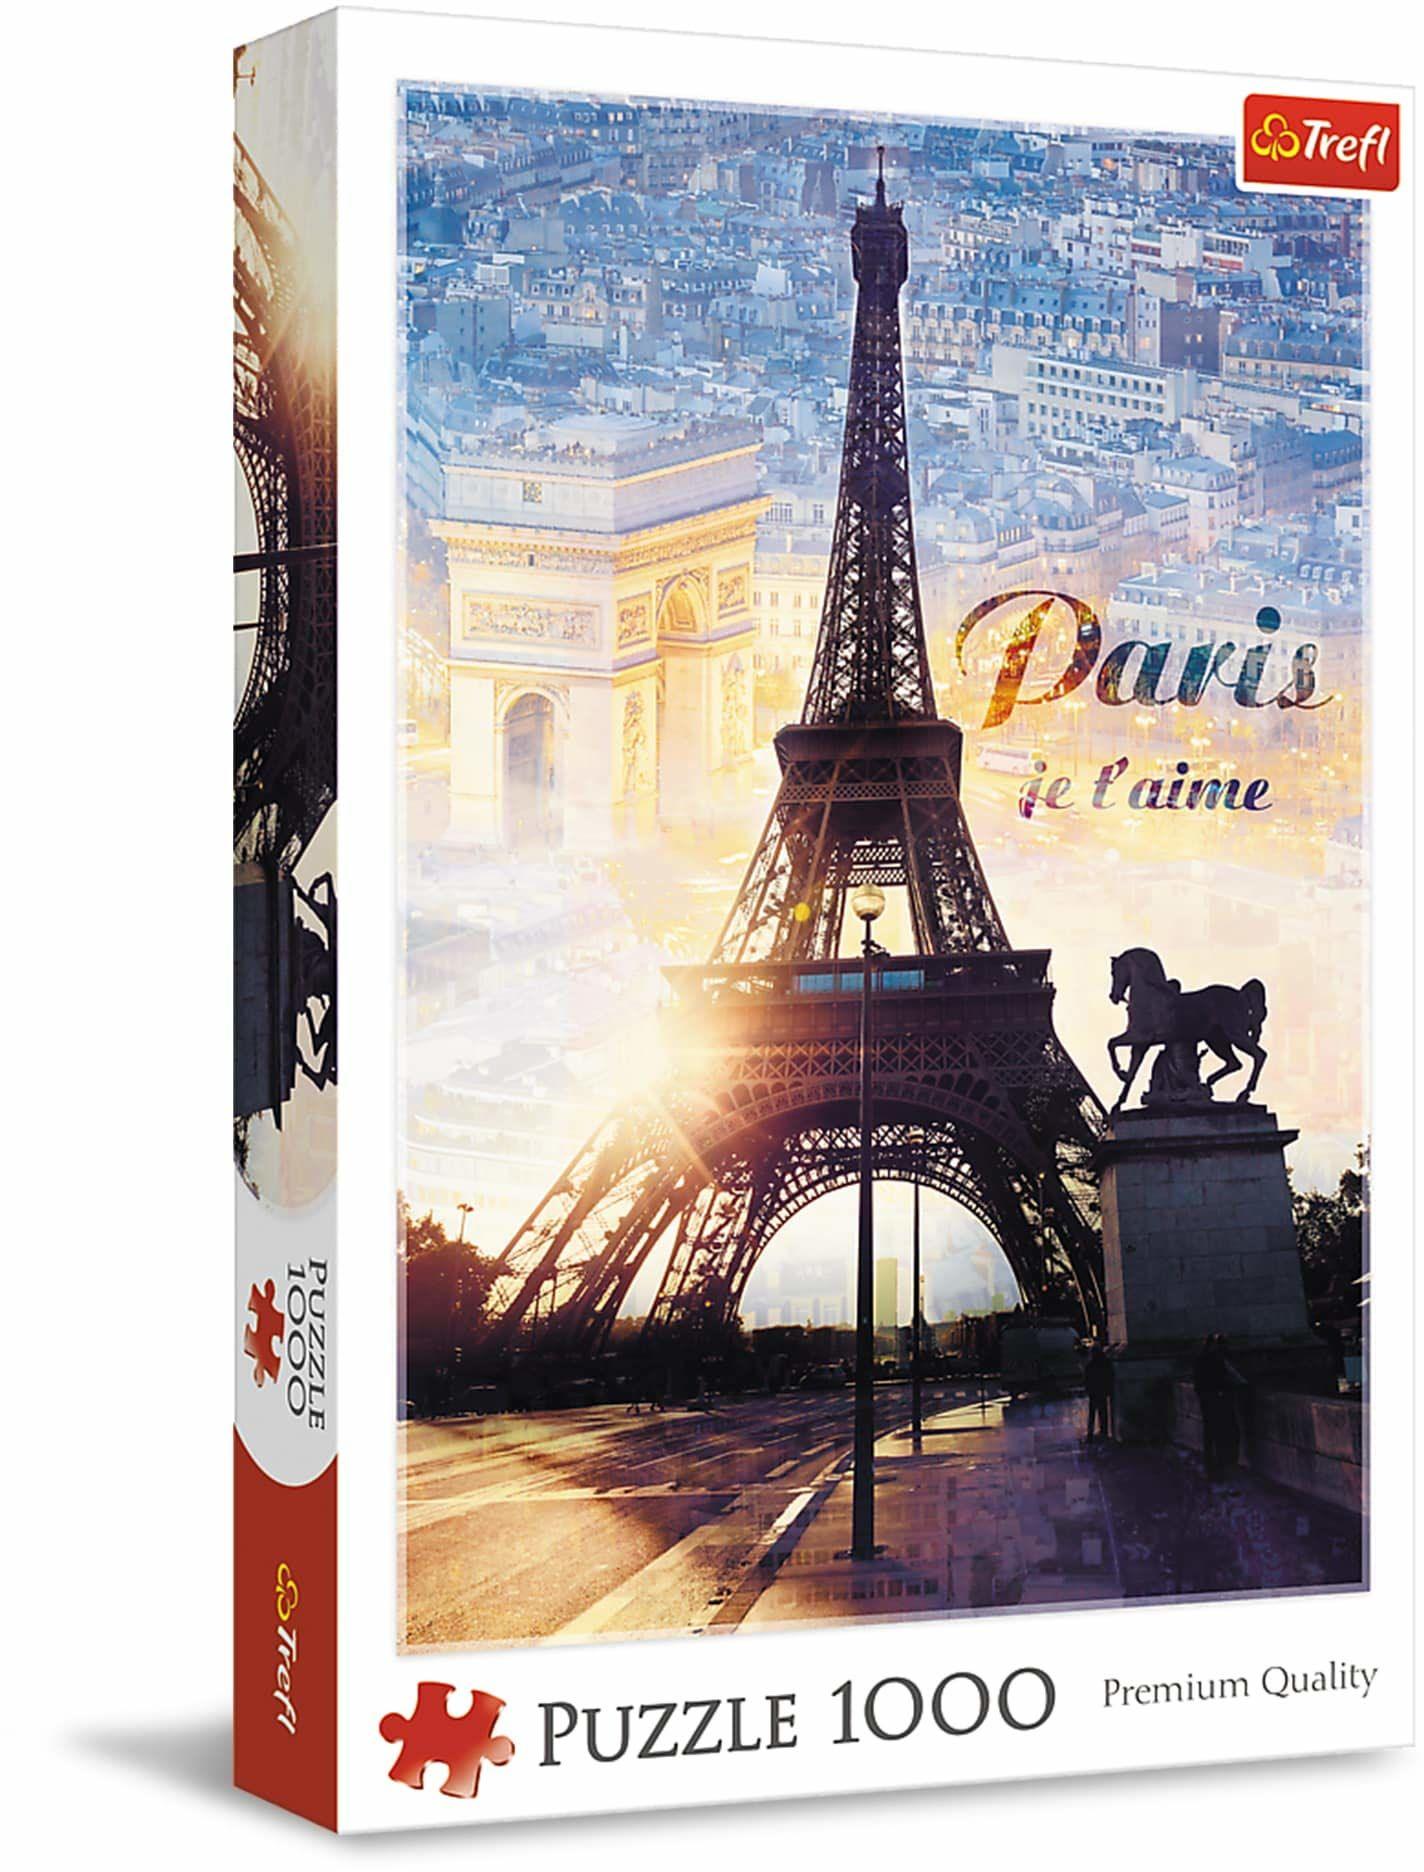 Trefl - Puzzle Paryż o Świcie - 1000 Elementów, Francja, Stolice Europy, Widok na Wieżę Eiffla, Łuk Triumfalny, Układanka DIY, Kreatywna Rozrywka, Prezent, Puzzle dla Dorosłych i Dzieci od 12 Lat